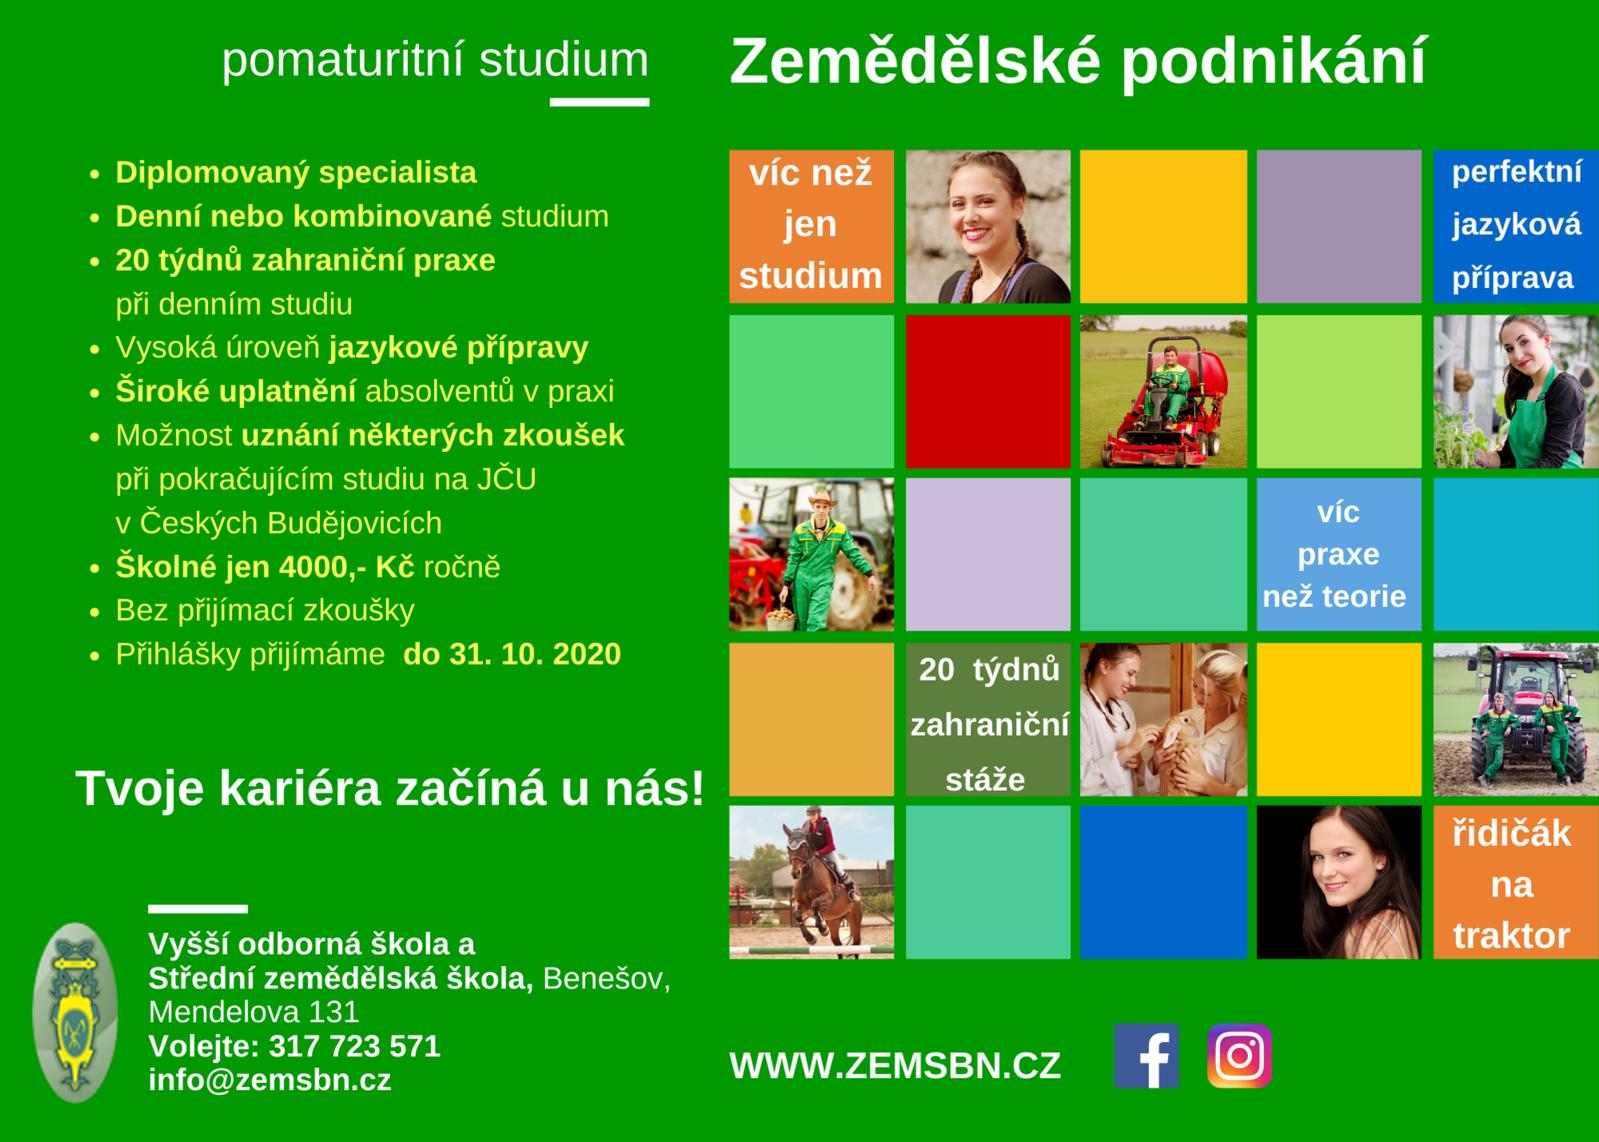 VOŠ_Zemědělské podnikání_leták